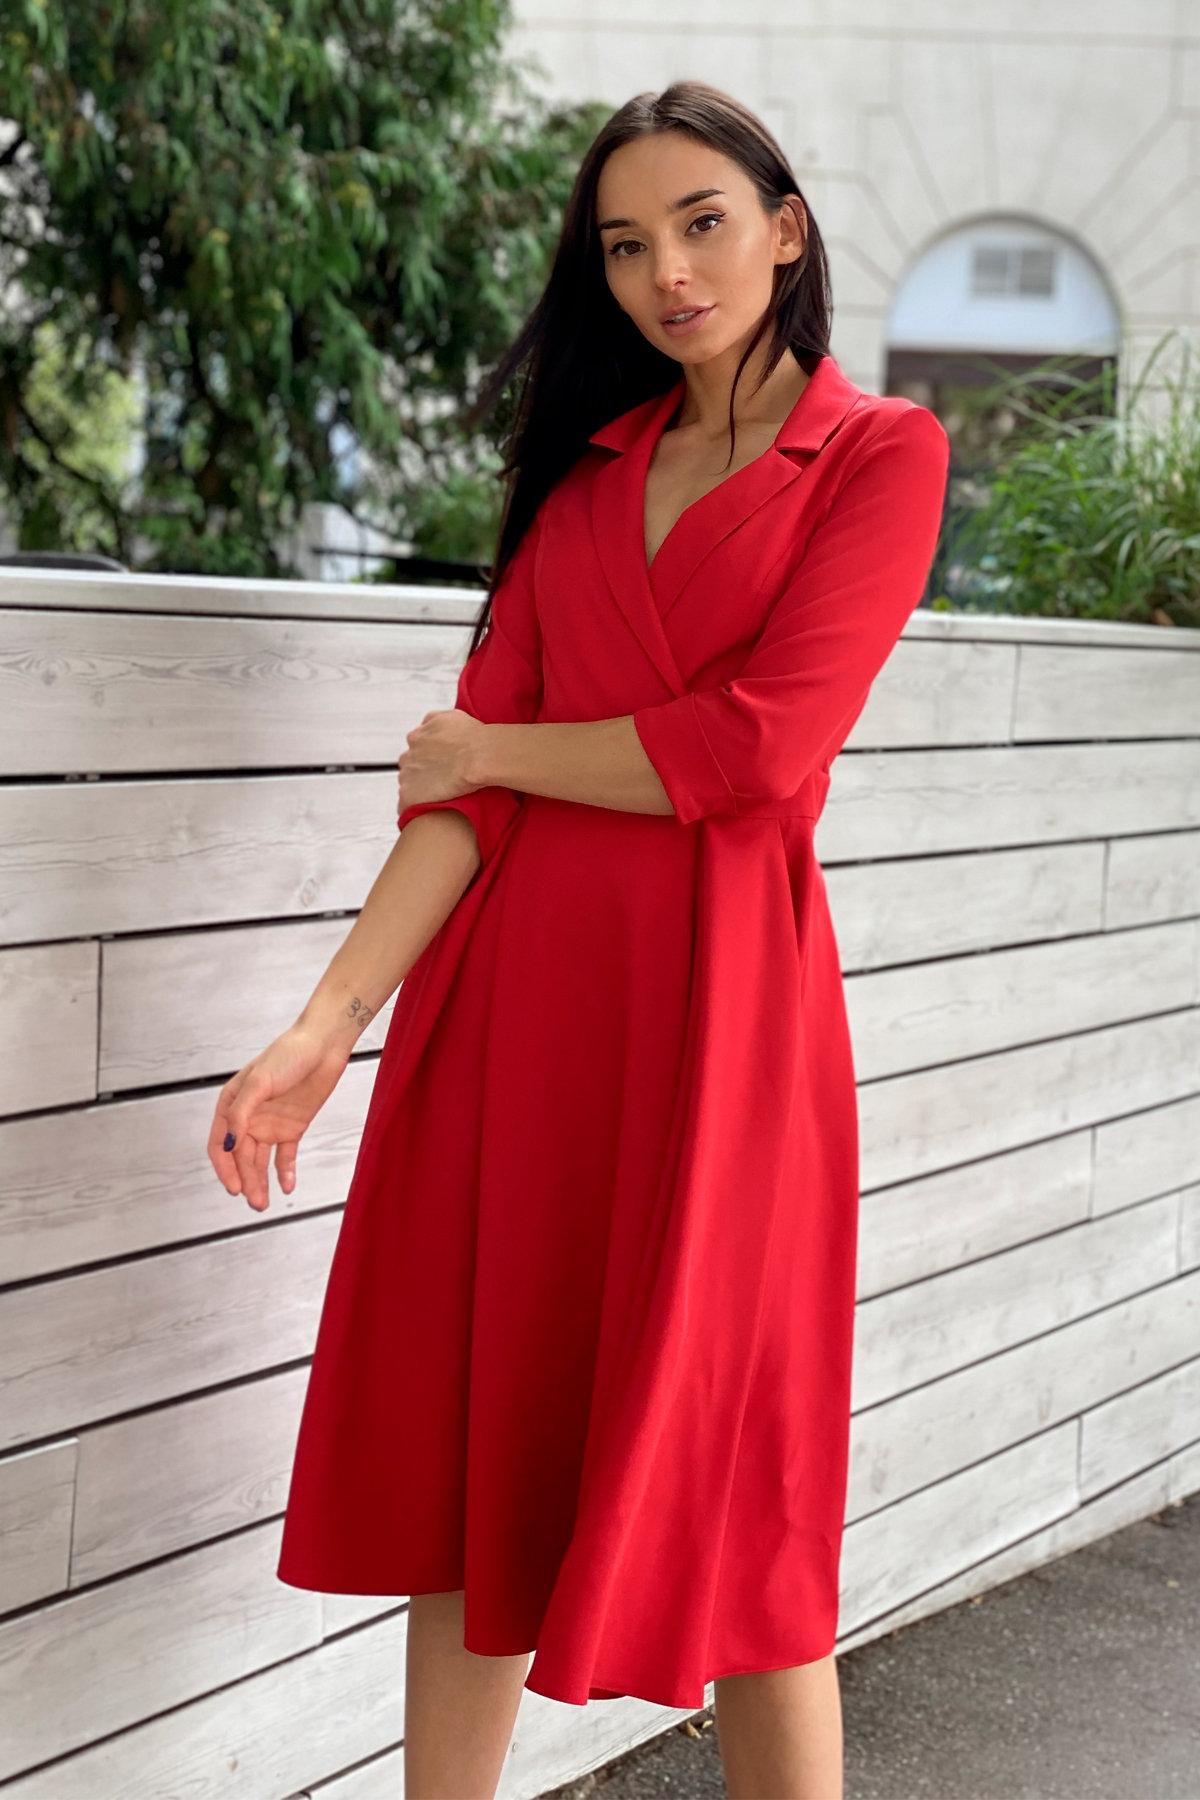 Платье в офис Артего 7832 АРТ. 43767 Цвет: Красный 4 - фото 9, интернет магазин tm-modus.ru